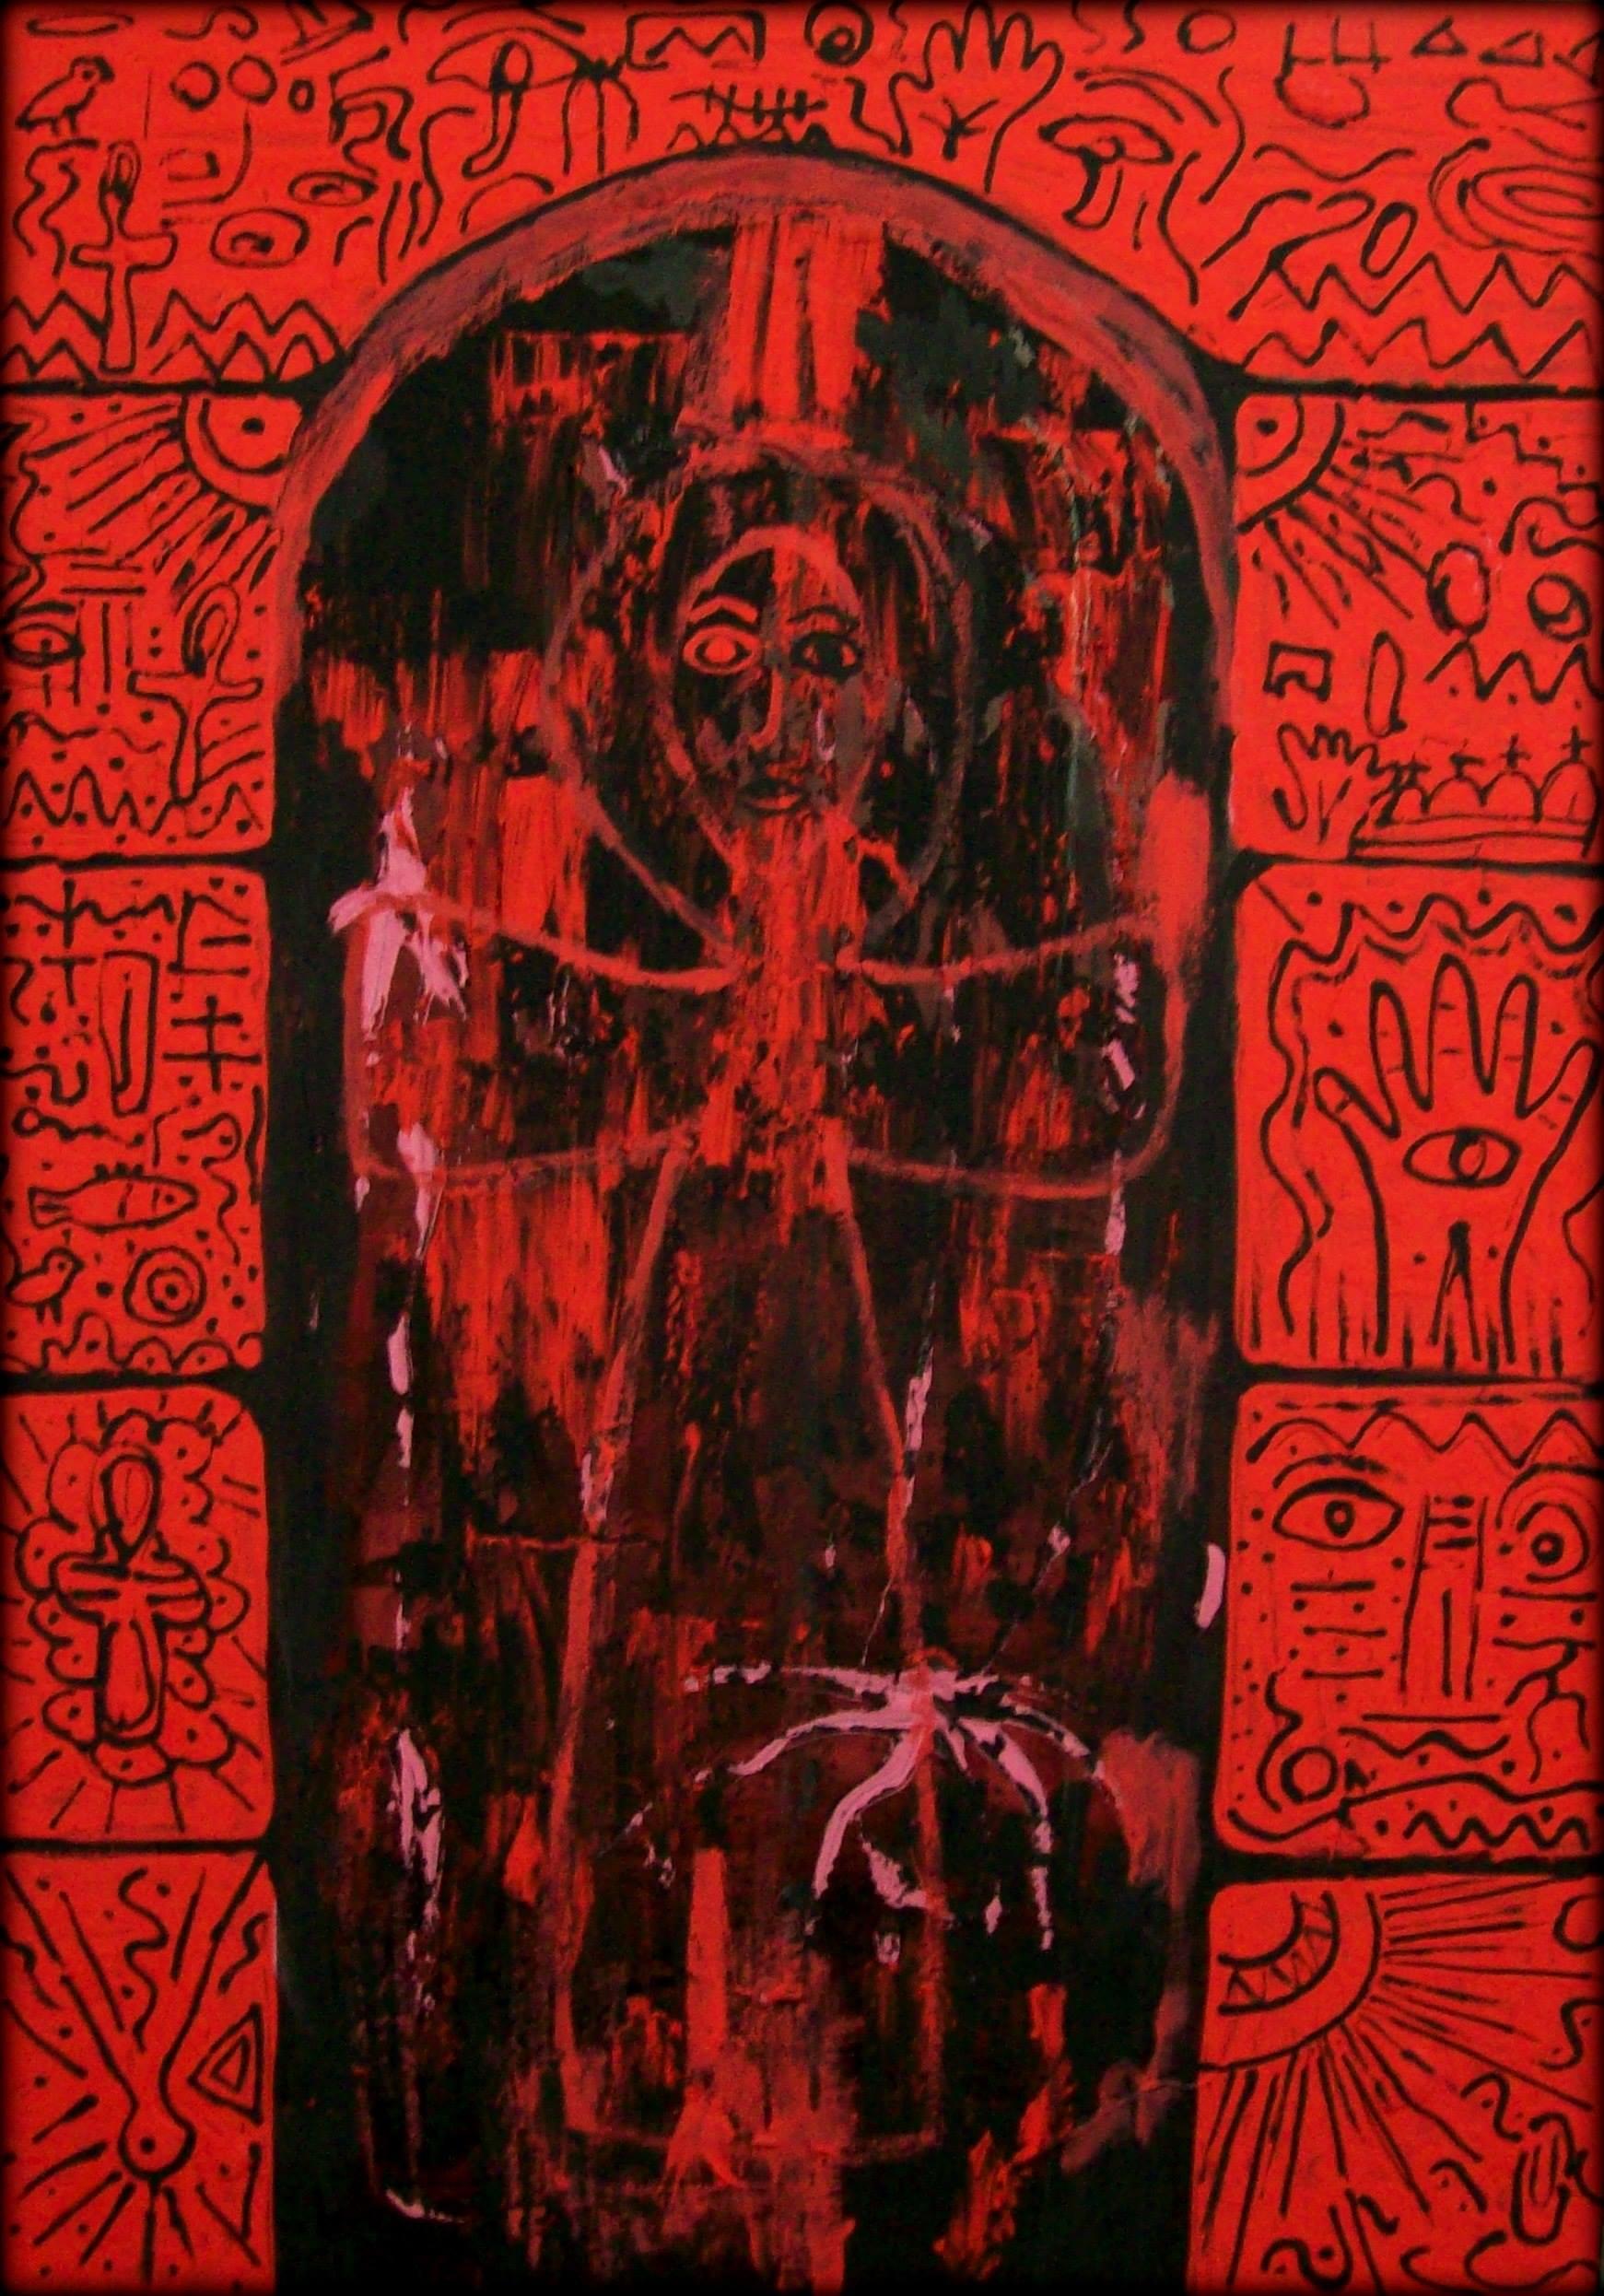 عمل فنى للدكتورة زينب نور فى معرض سابق 2